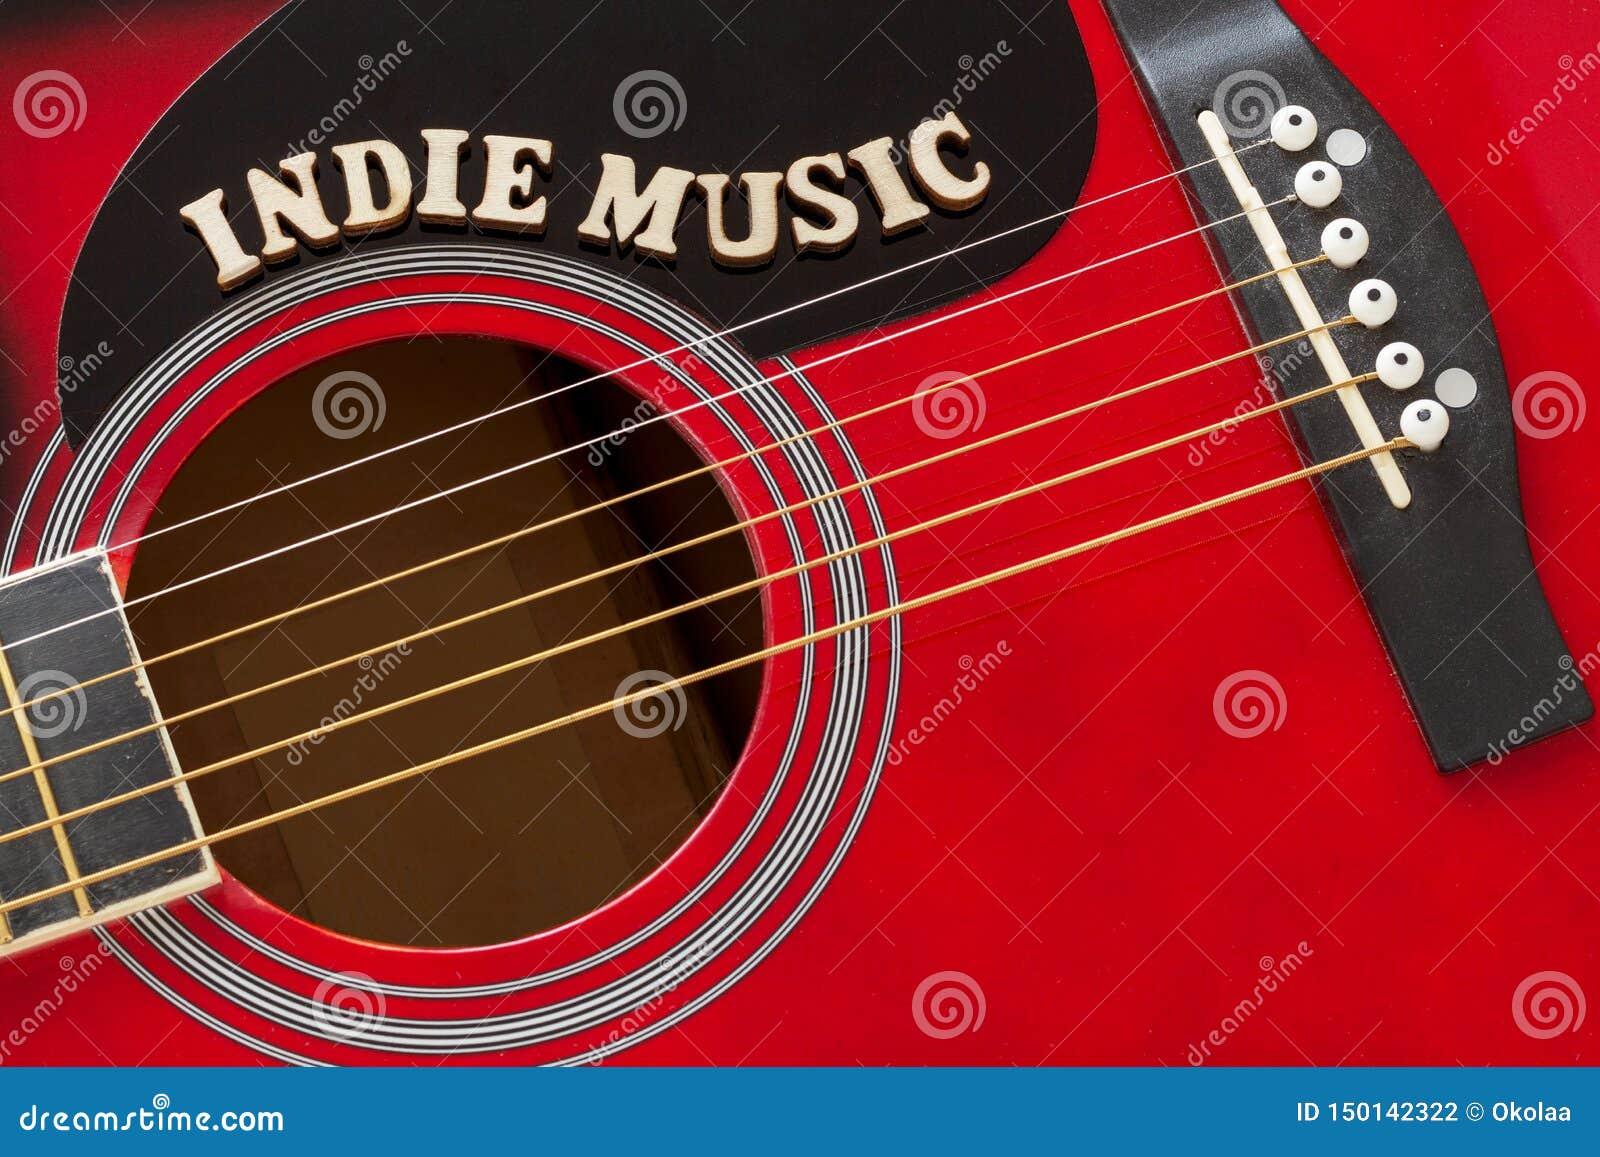 Wort-Indie Musik mit hölzernen Buchstaben, Nahaufnahme auf einer Oberfläche der roten Akustikgitarre Musikunterhaltungshintergrun